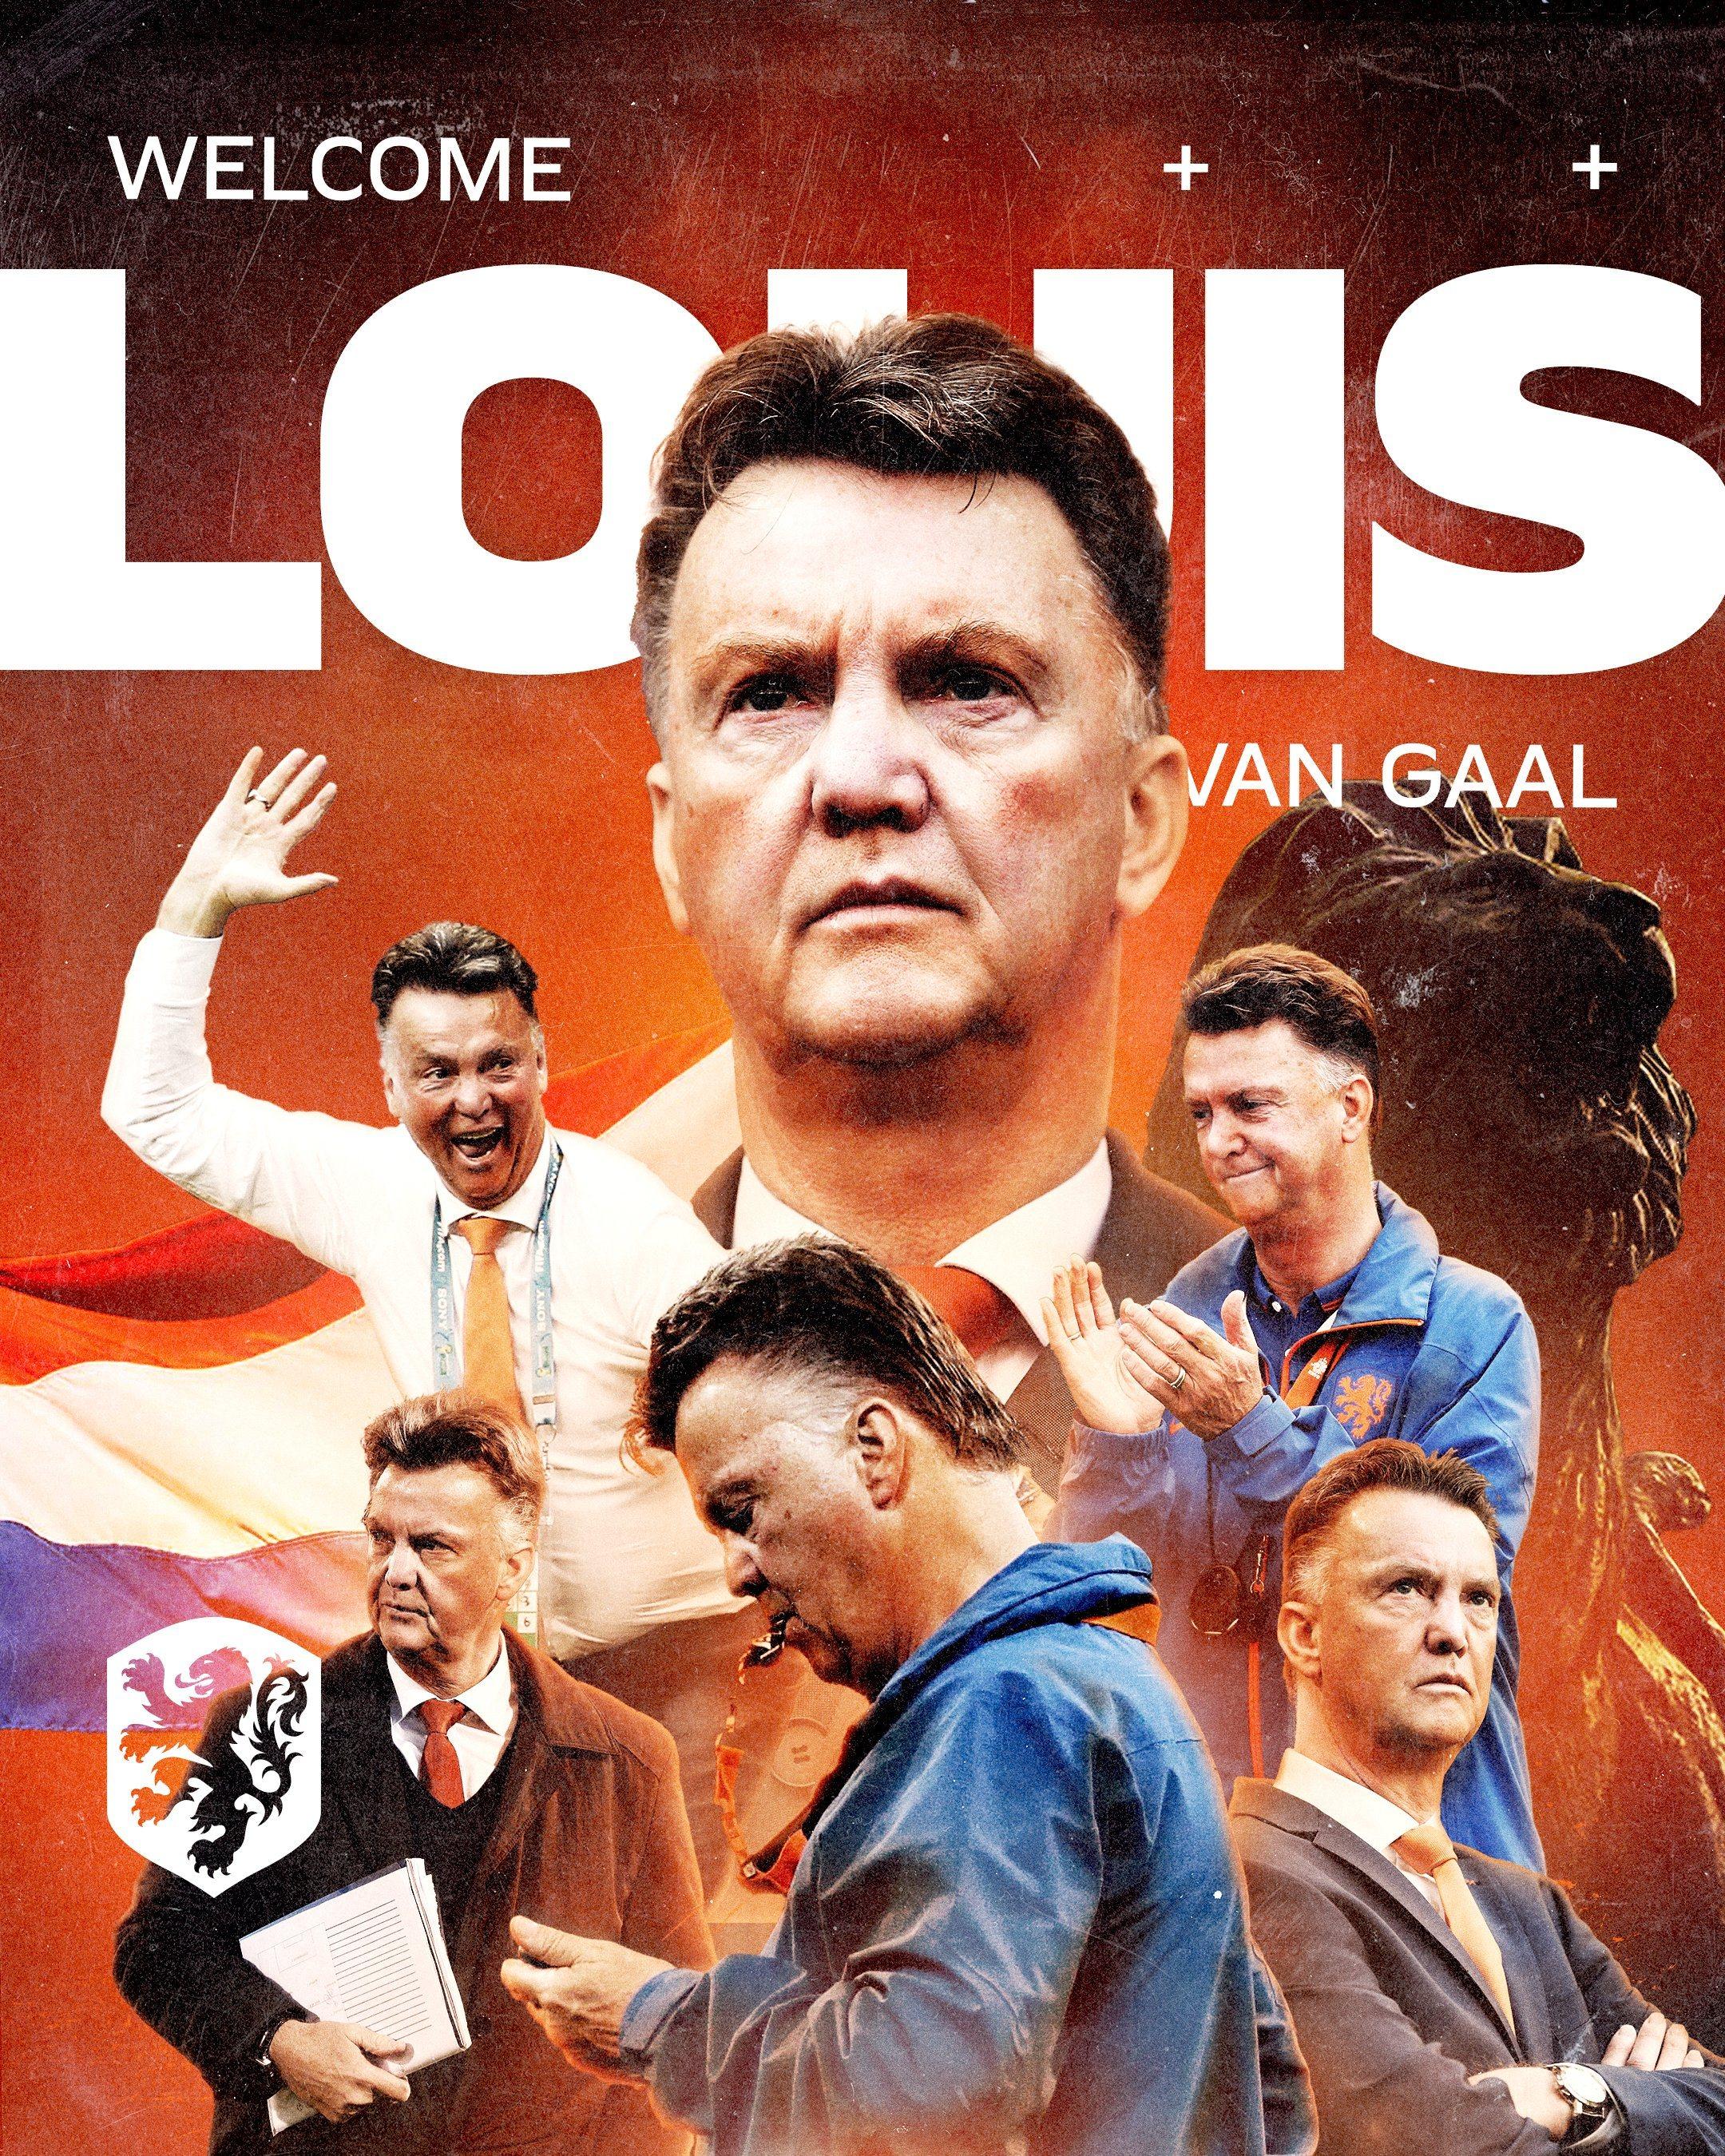 Louis Van Gaal - The Netherlands